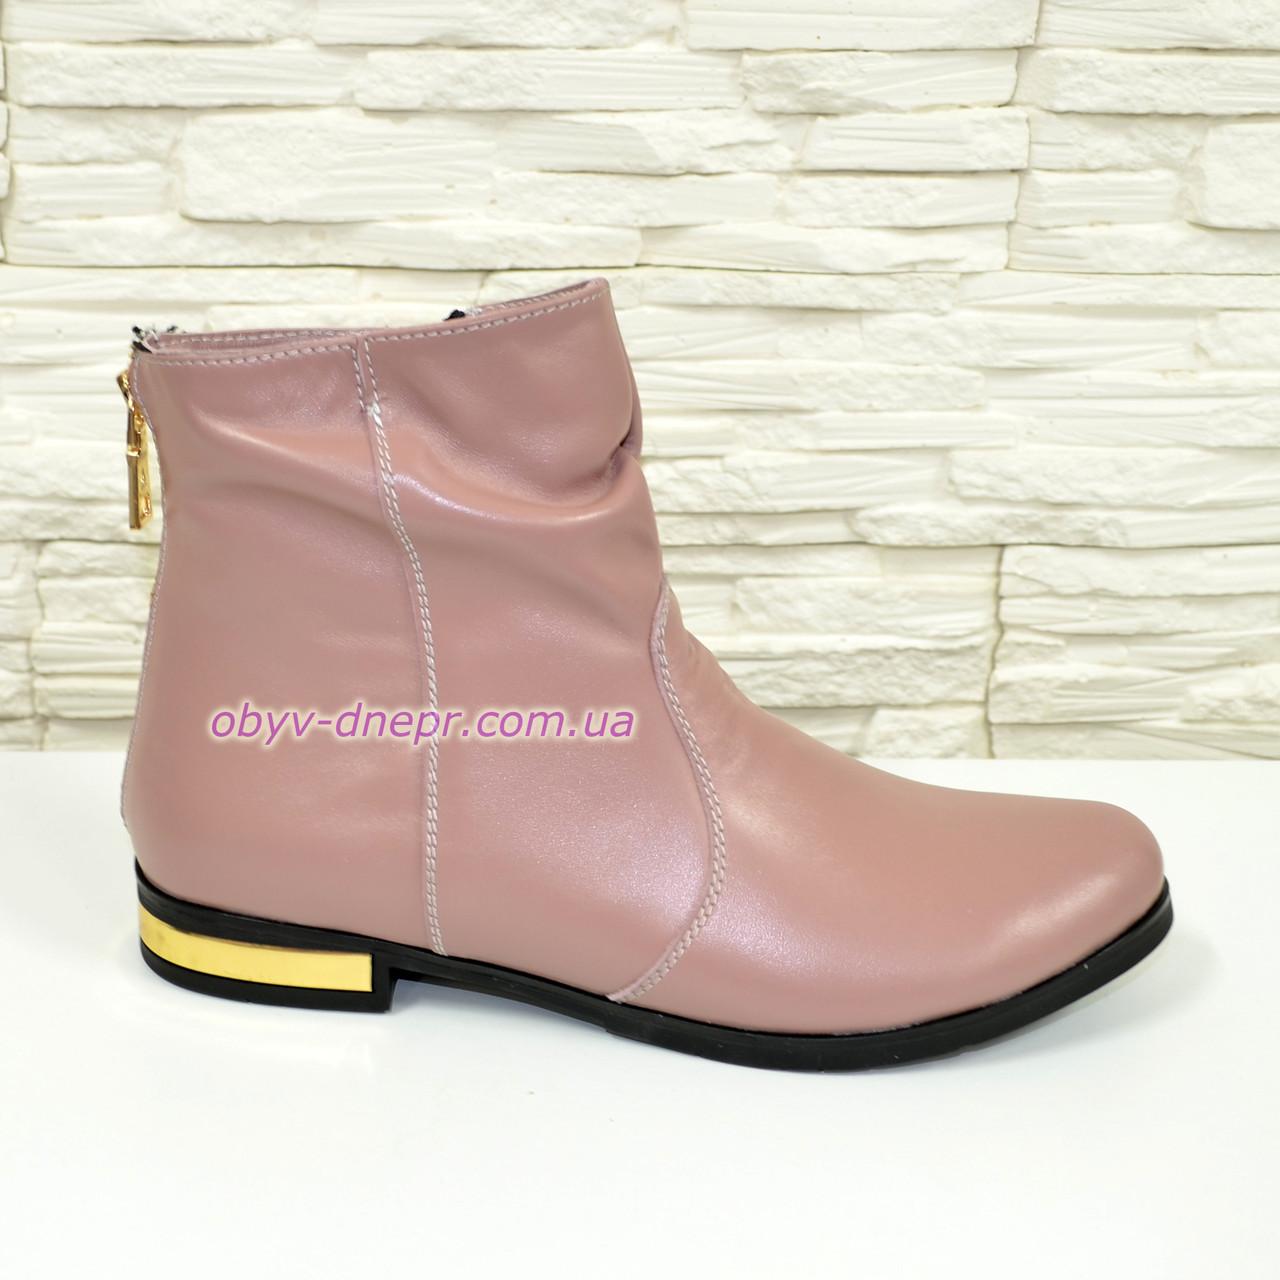 """Ботинки кожаные женские   на низком ходу, цвет пудра. ТМ """"Maestro"""""""